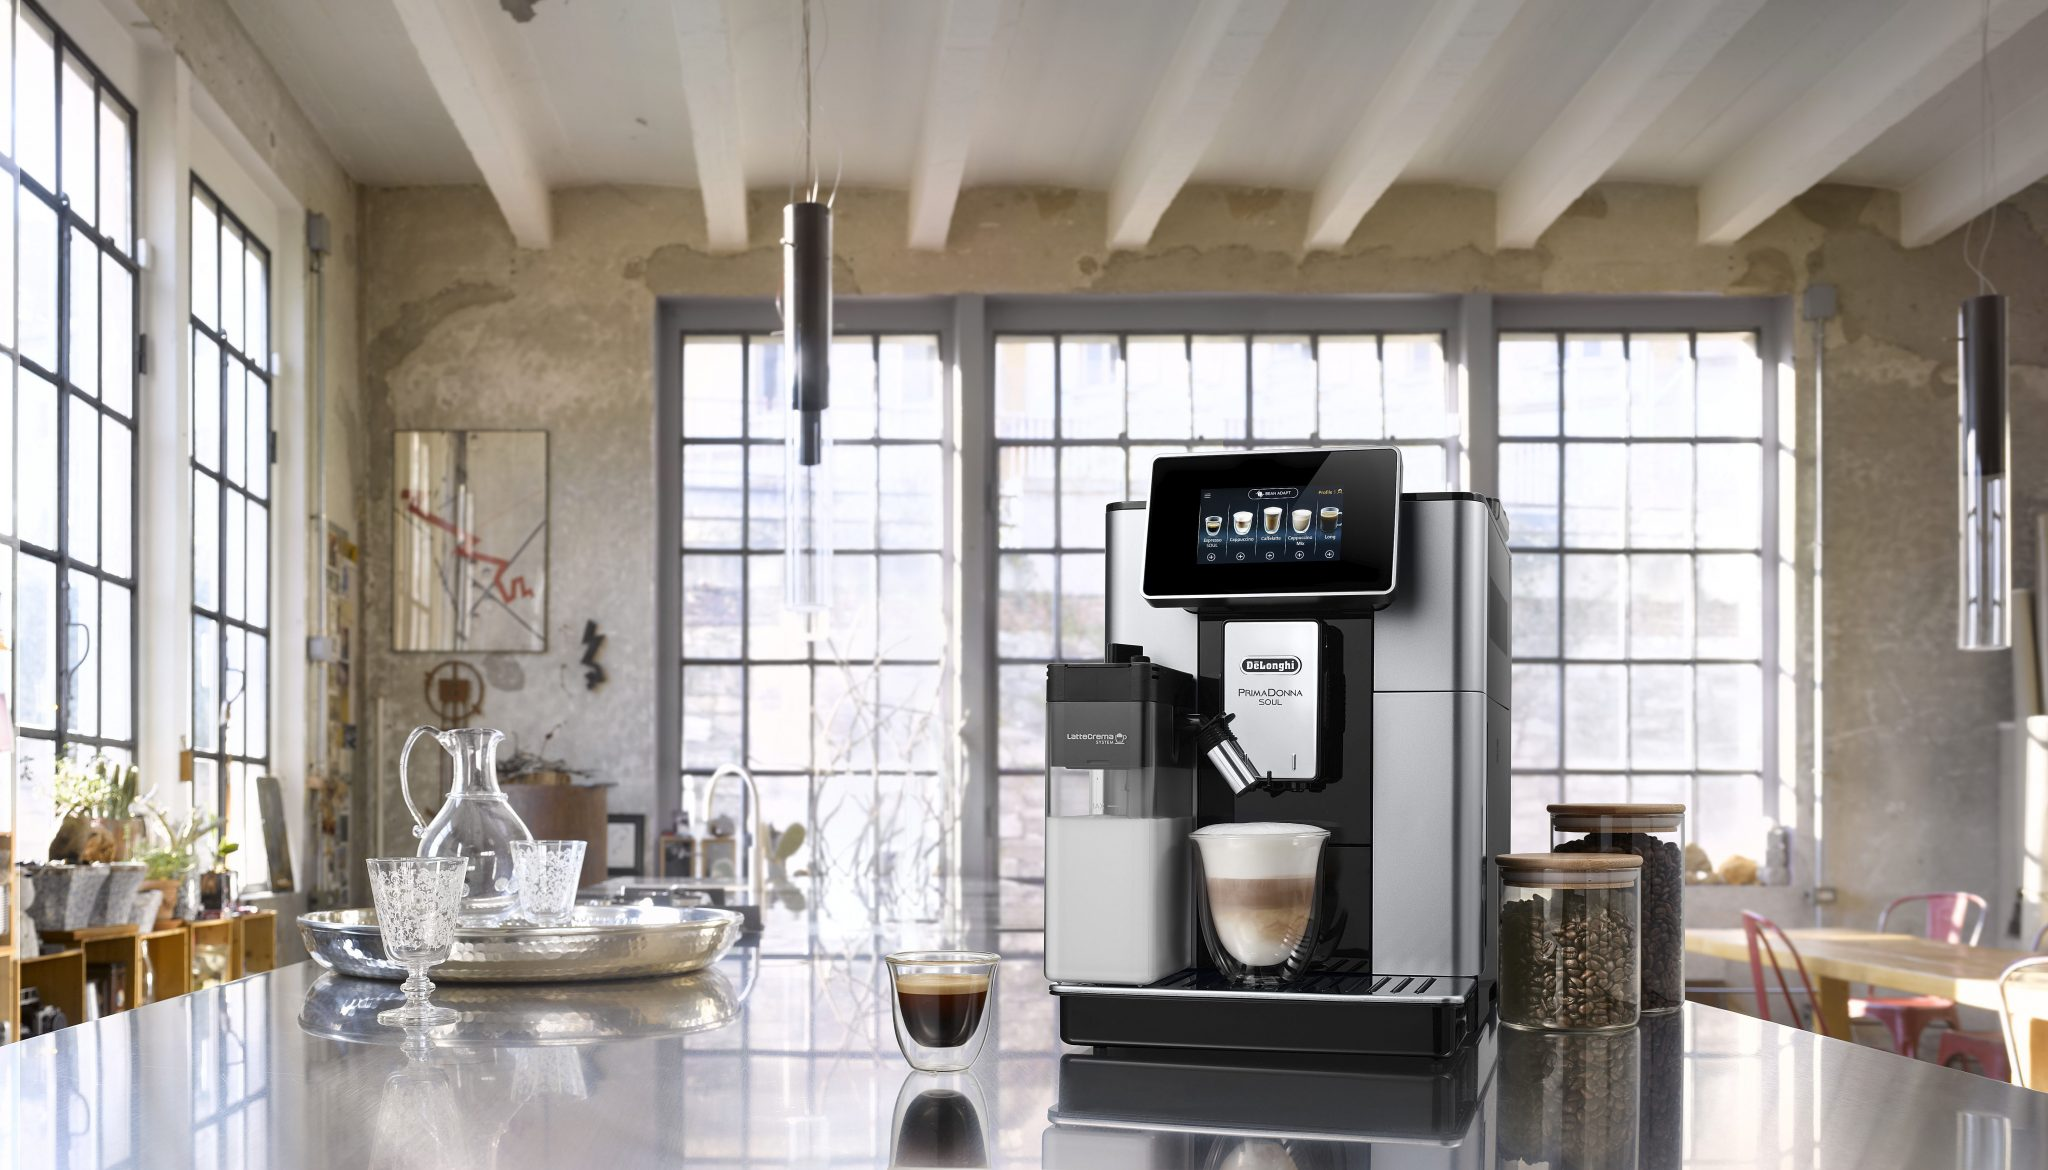 Cafetera superautomática PrimaDonna Soul de De'Longhi España